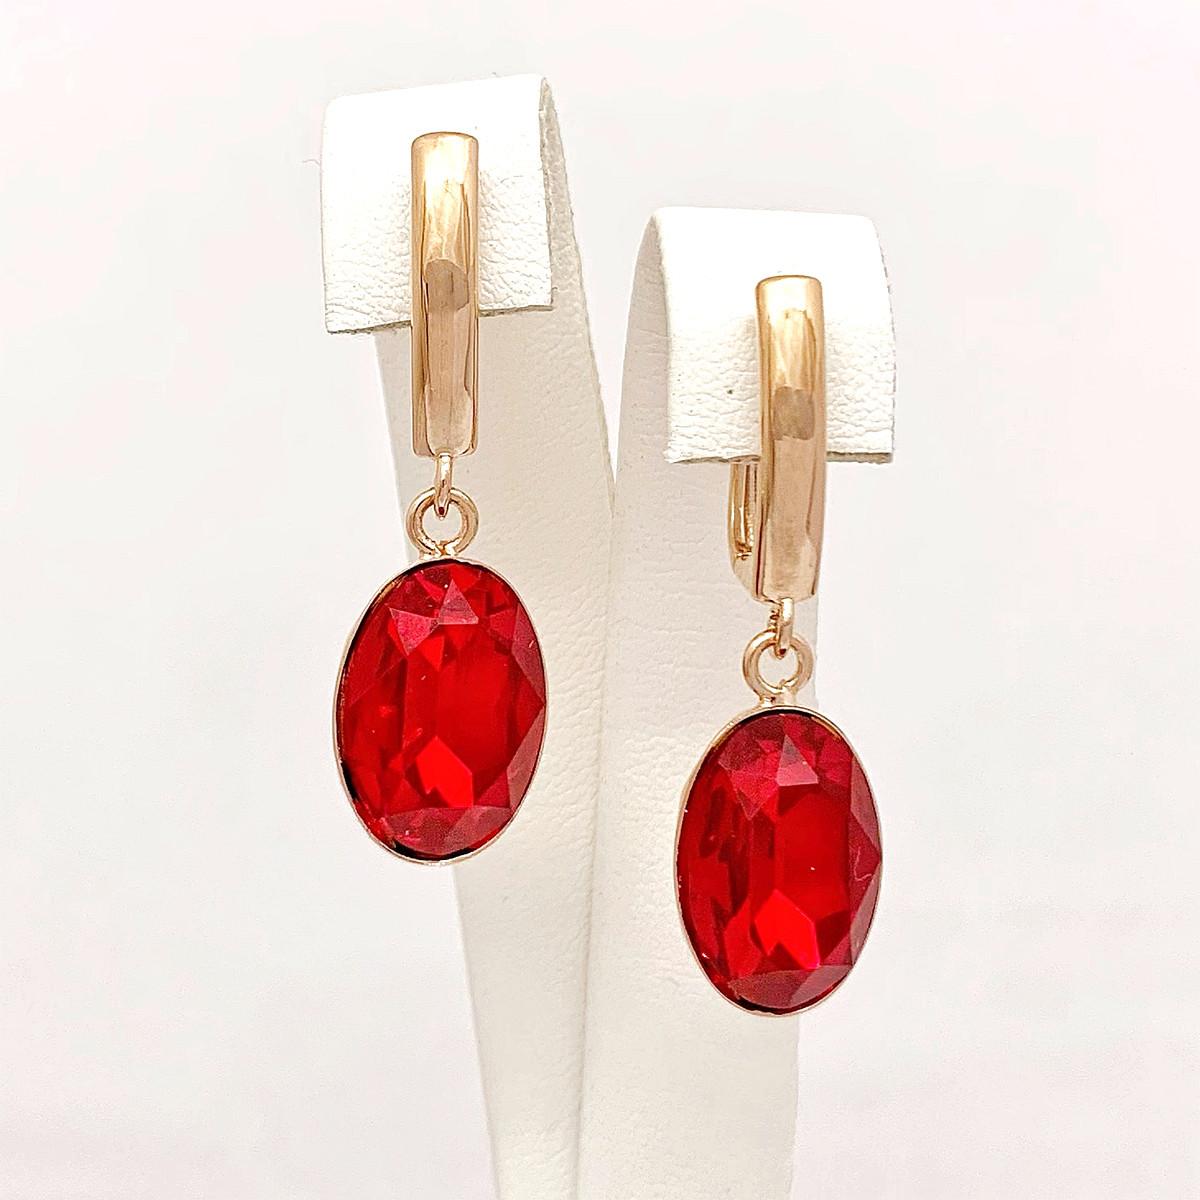 Серьги SONATA из медицинского золота, кристаллы Swarovski ярко-красного цвета, позолота PO, 25173